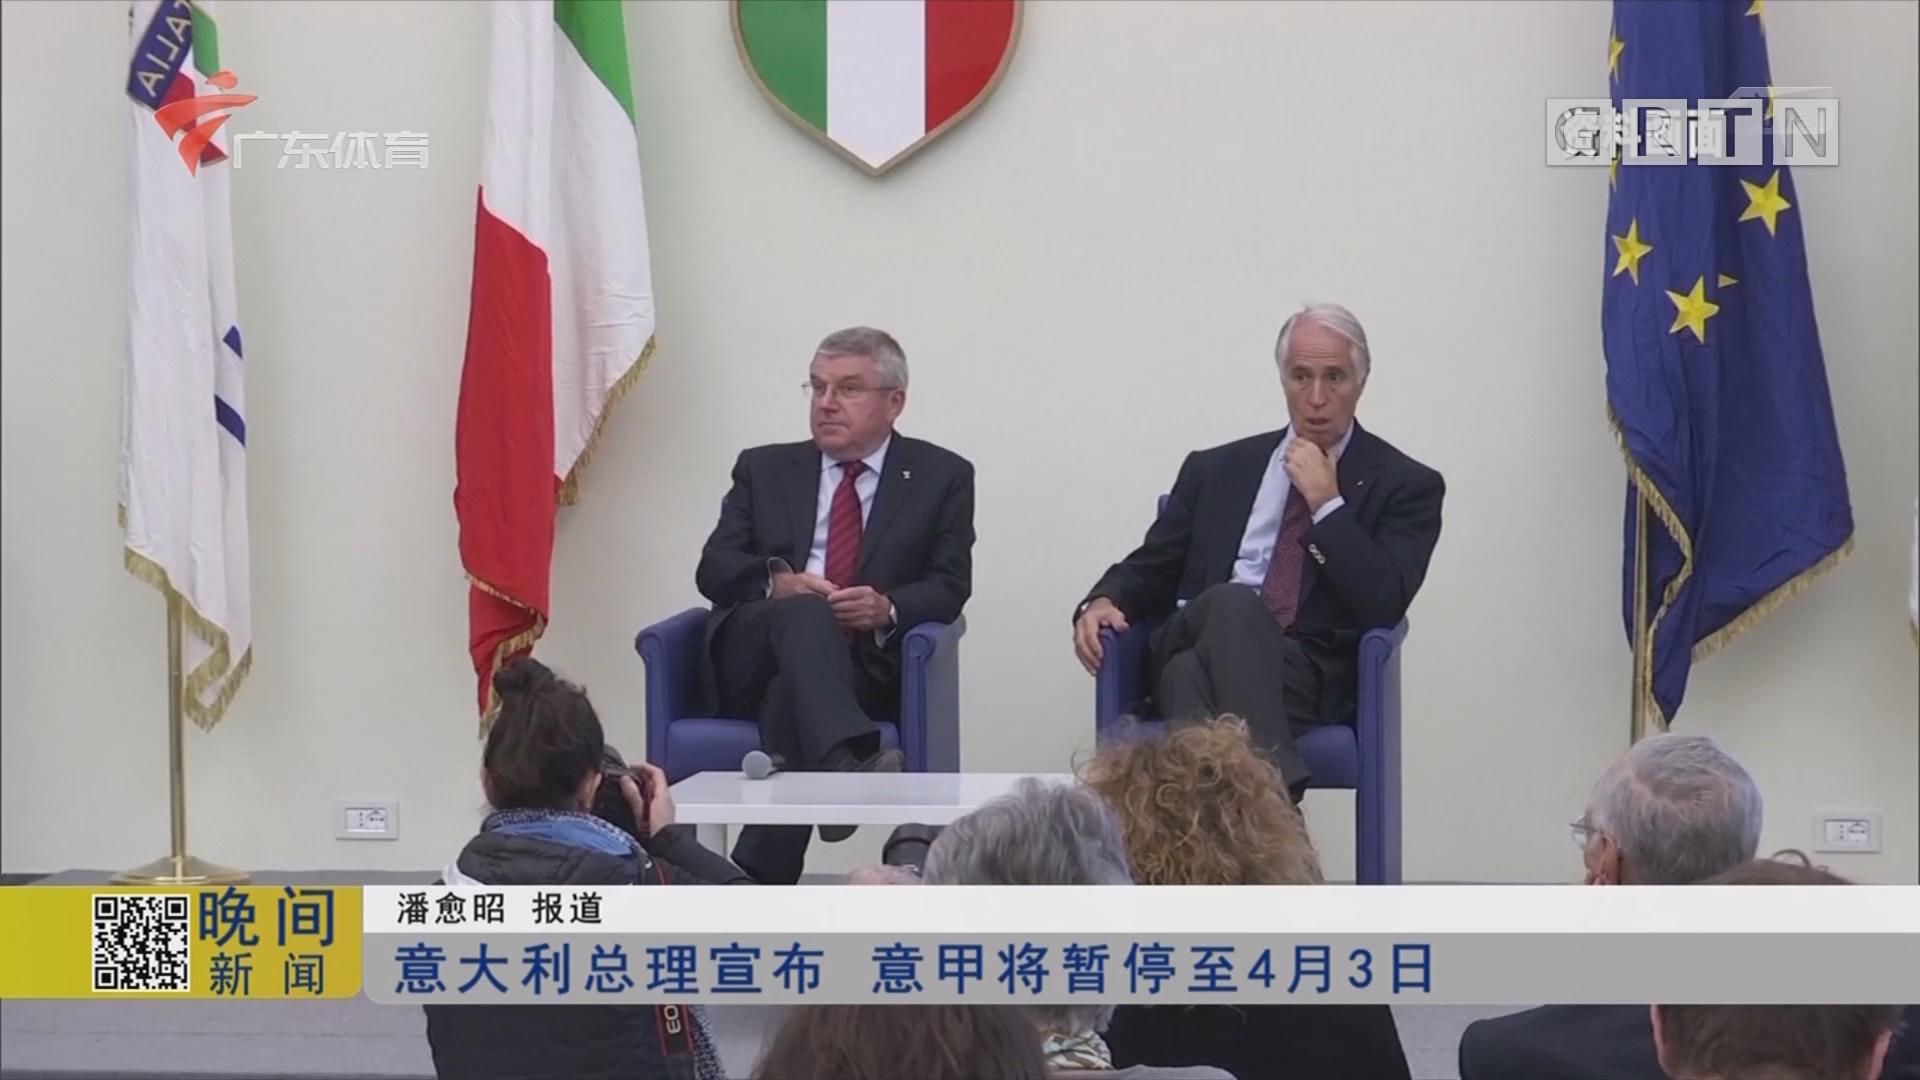 意大利总理宣布 意甲将暂停至4月3日